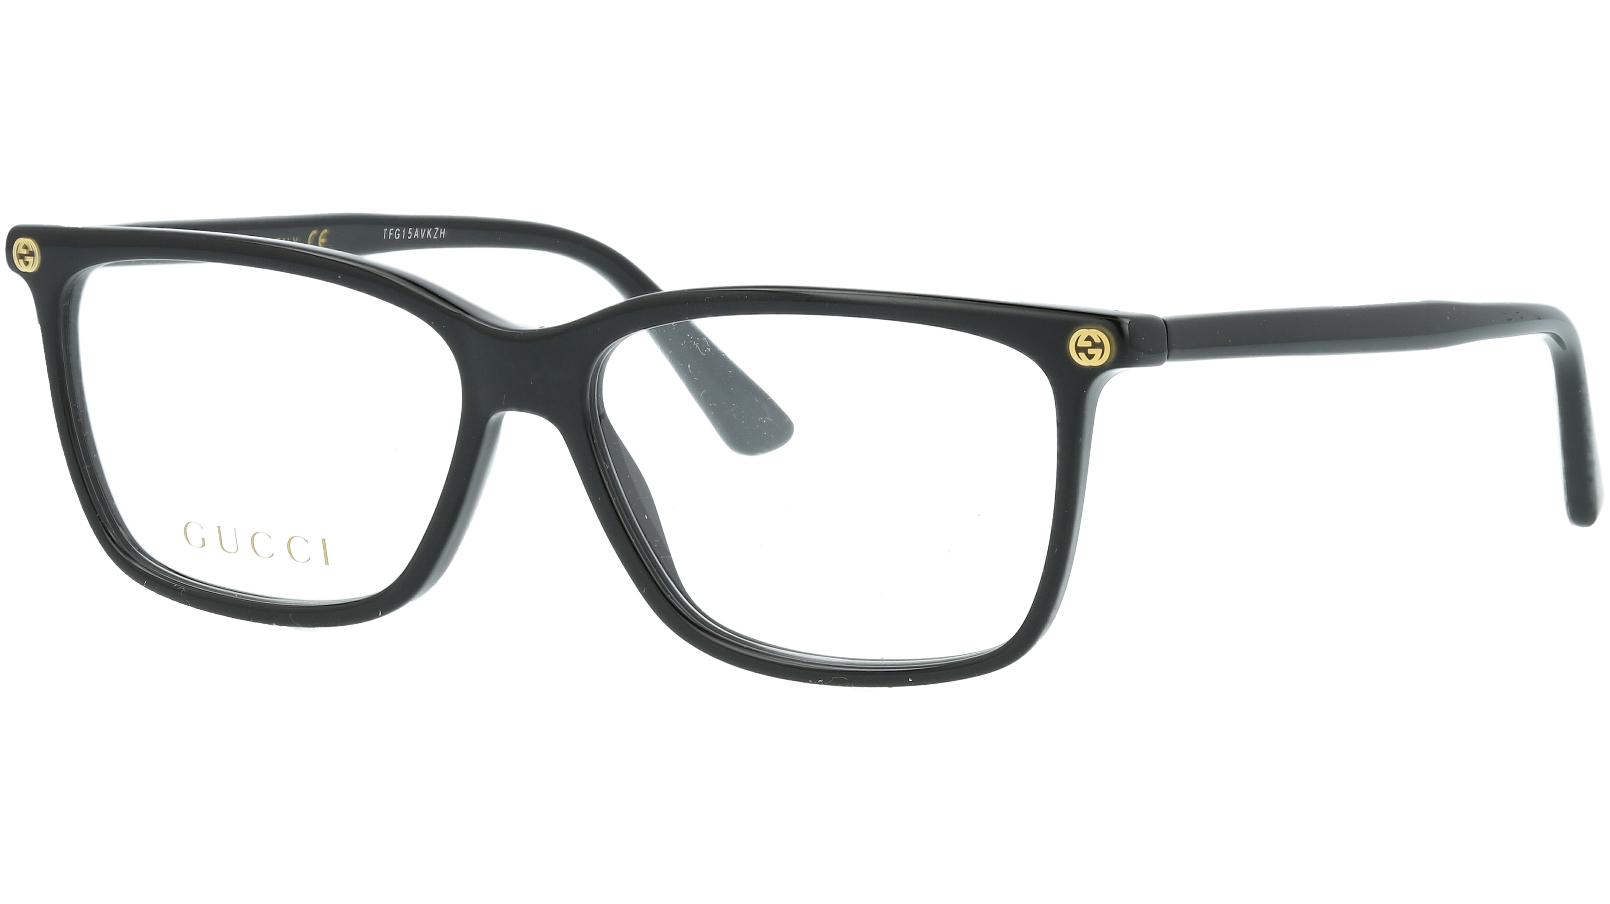 GUCCI GG0094O 001 52 BLACK Glasses